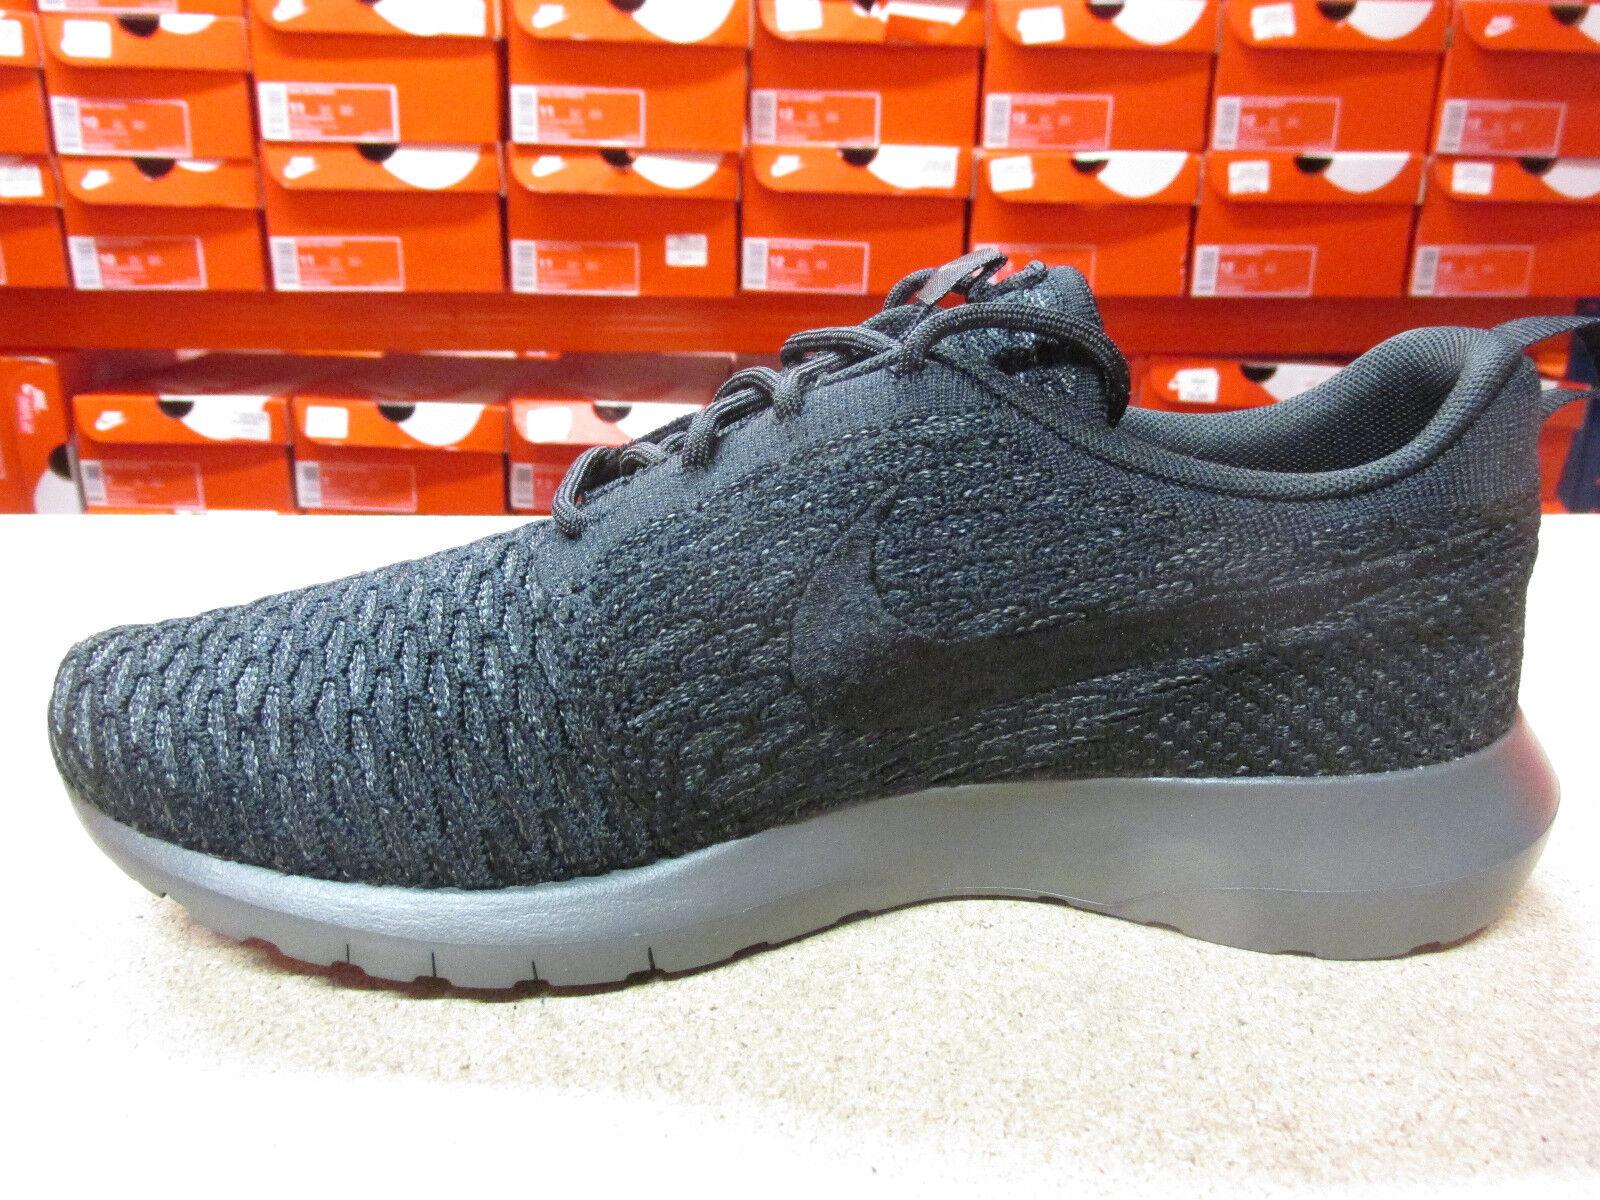 Nike Flyknit Rosherun Zapatillas Running Hombre 677243 677243 677243 001 Zapatillas c38836